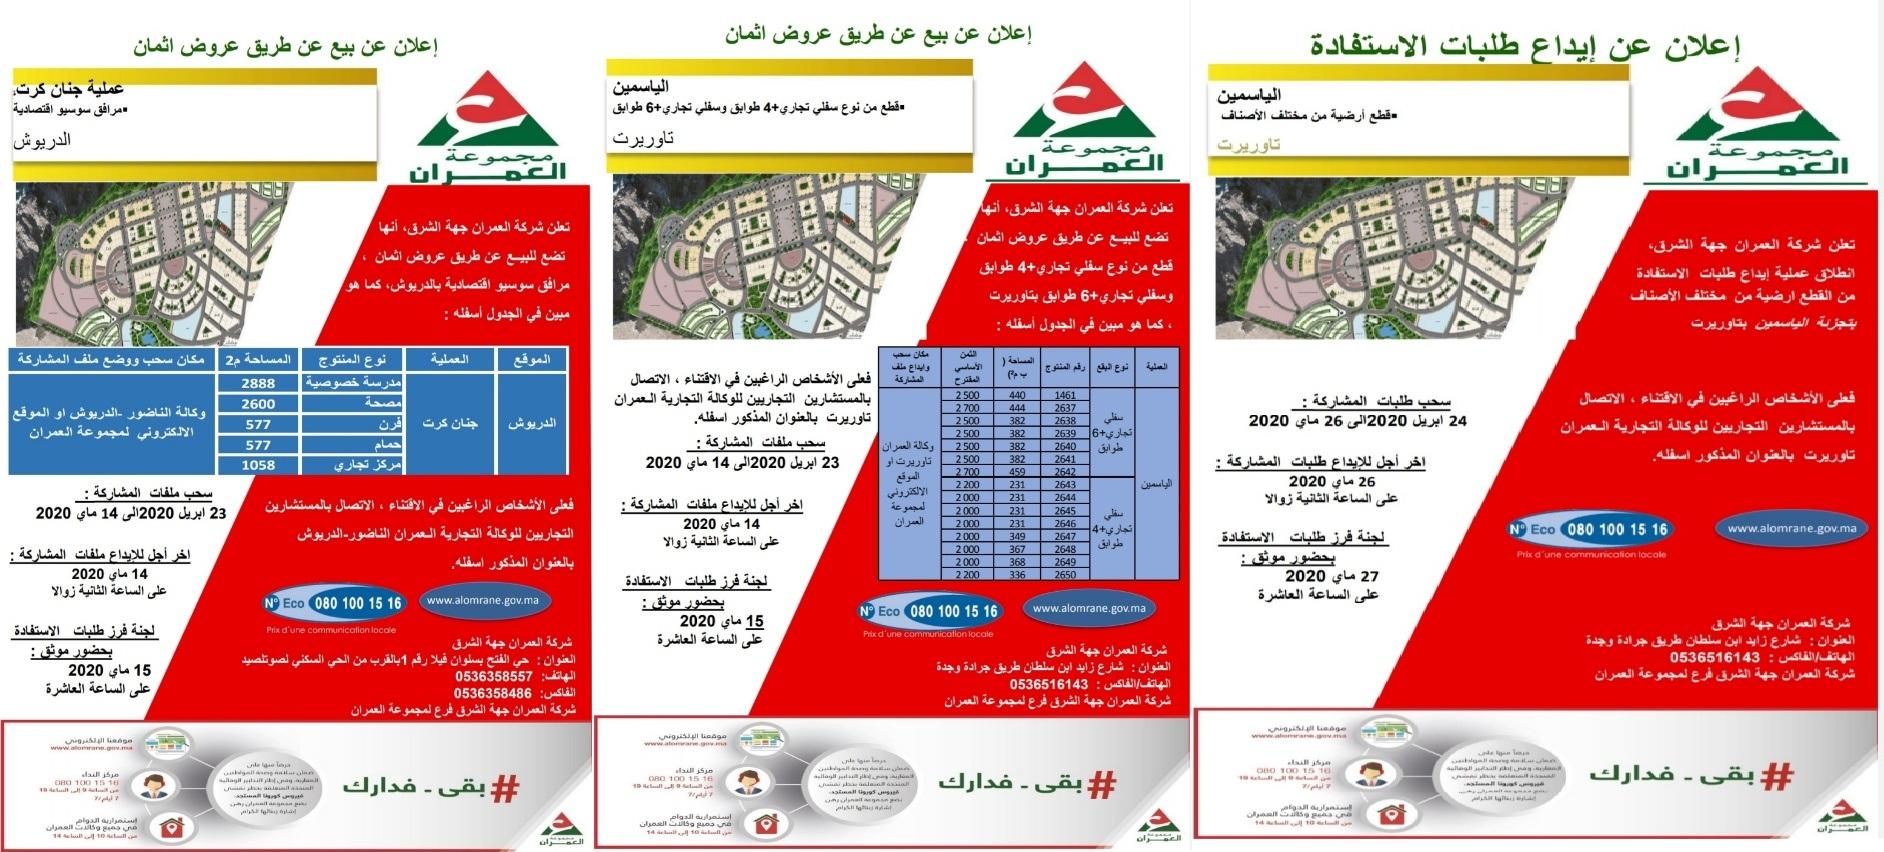 مادة إشهارية: شركة العمران جهة الشرق: تعلن عن بيع عن طريق عروض أثمان وعن إيداع طلبات الاستفادة